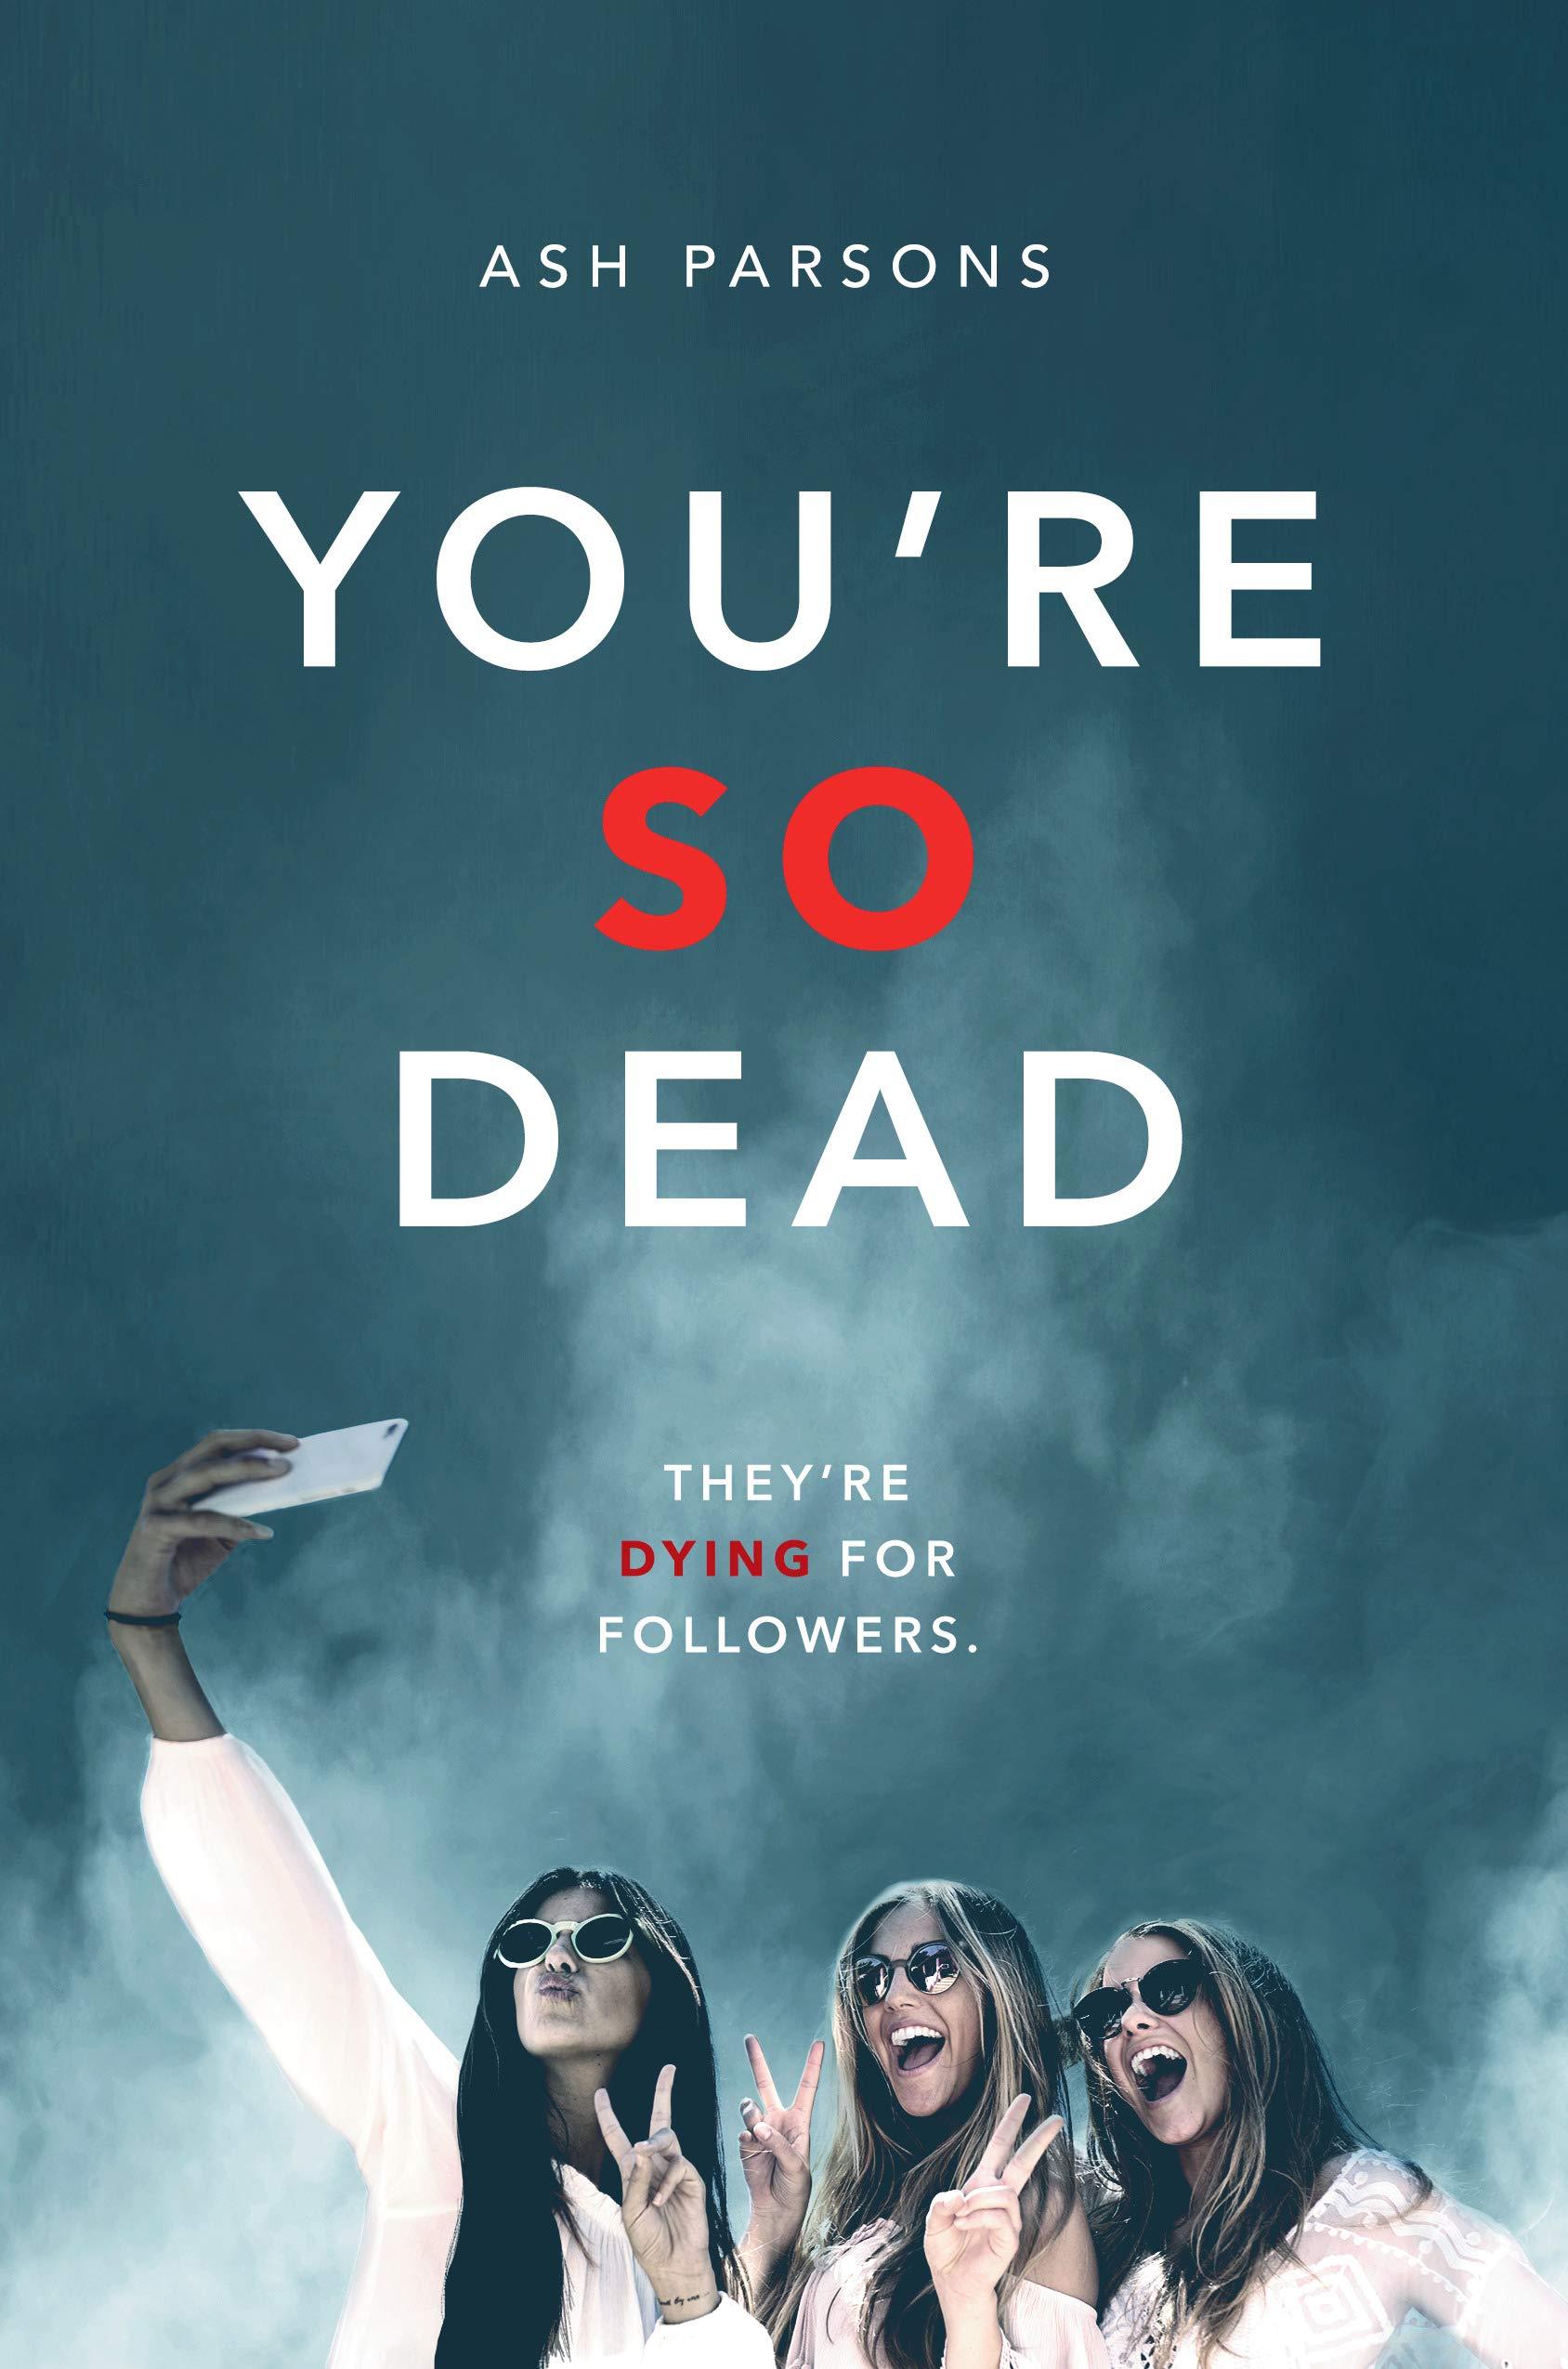 Amazon.com: You're So Dead: 9780593205129: Parsons, Ash: Books